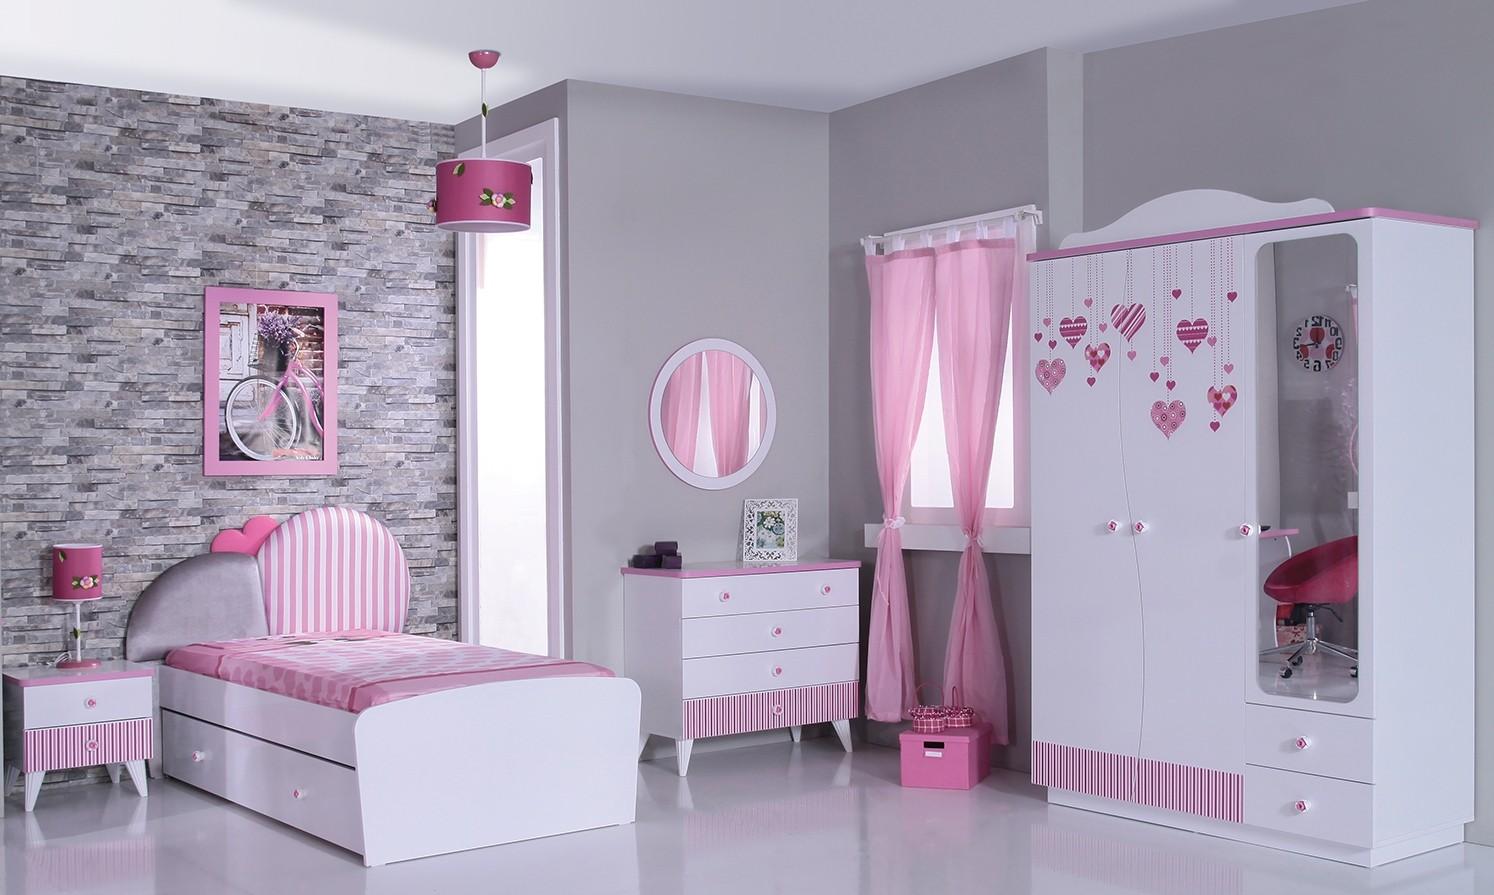 antibakterielle autobetten mit led und kinderzimmer von. Black Bedroom Furniture Sets. Home Design Ideas